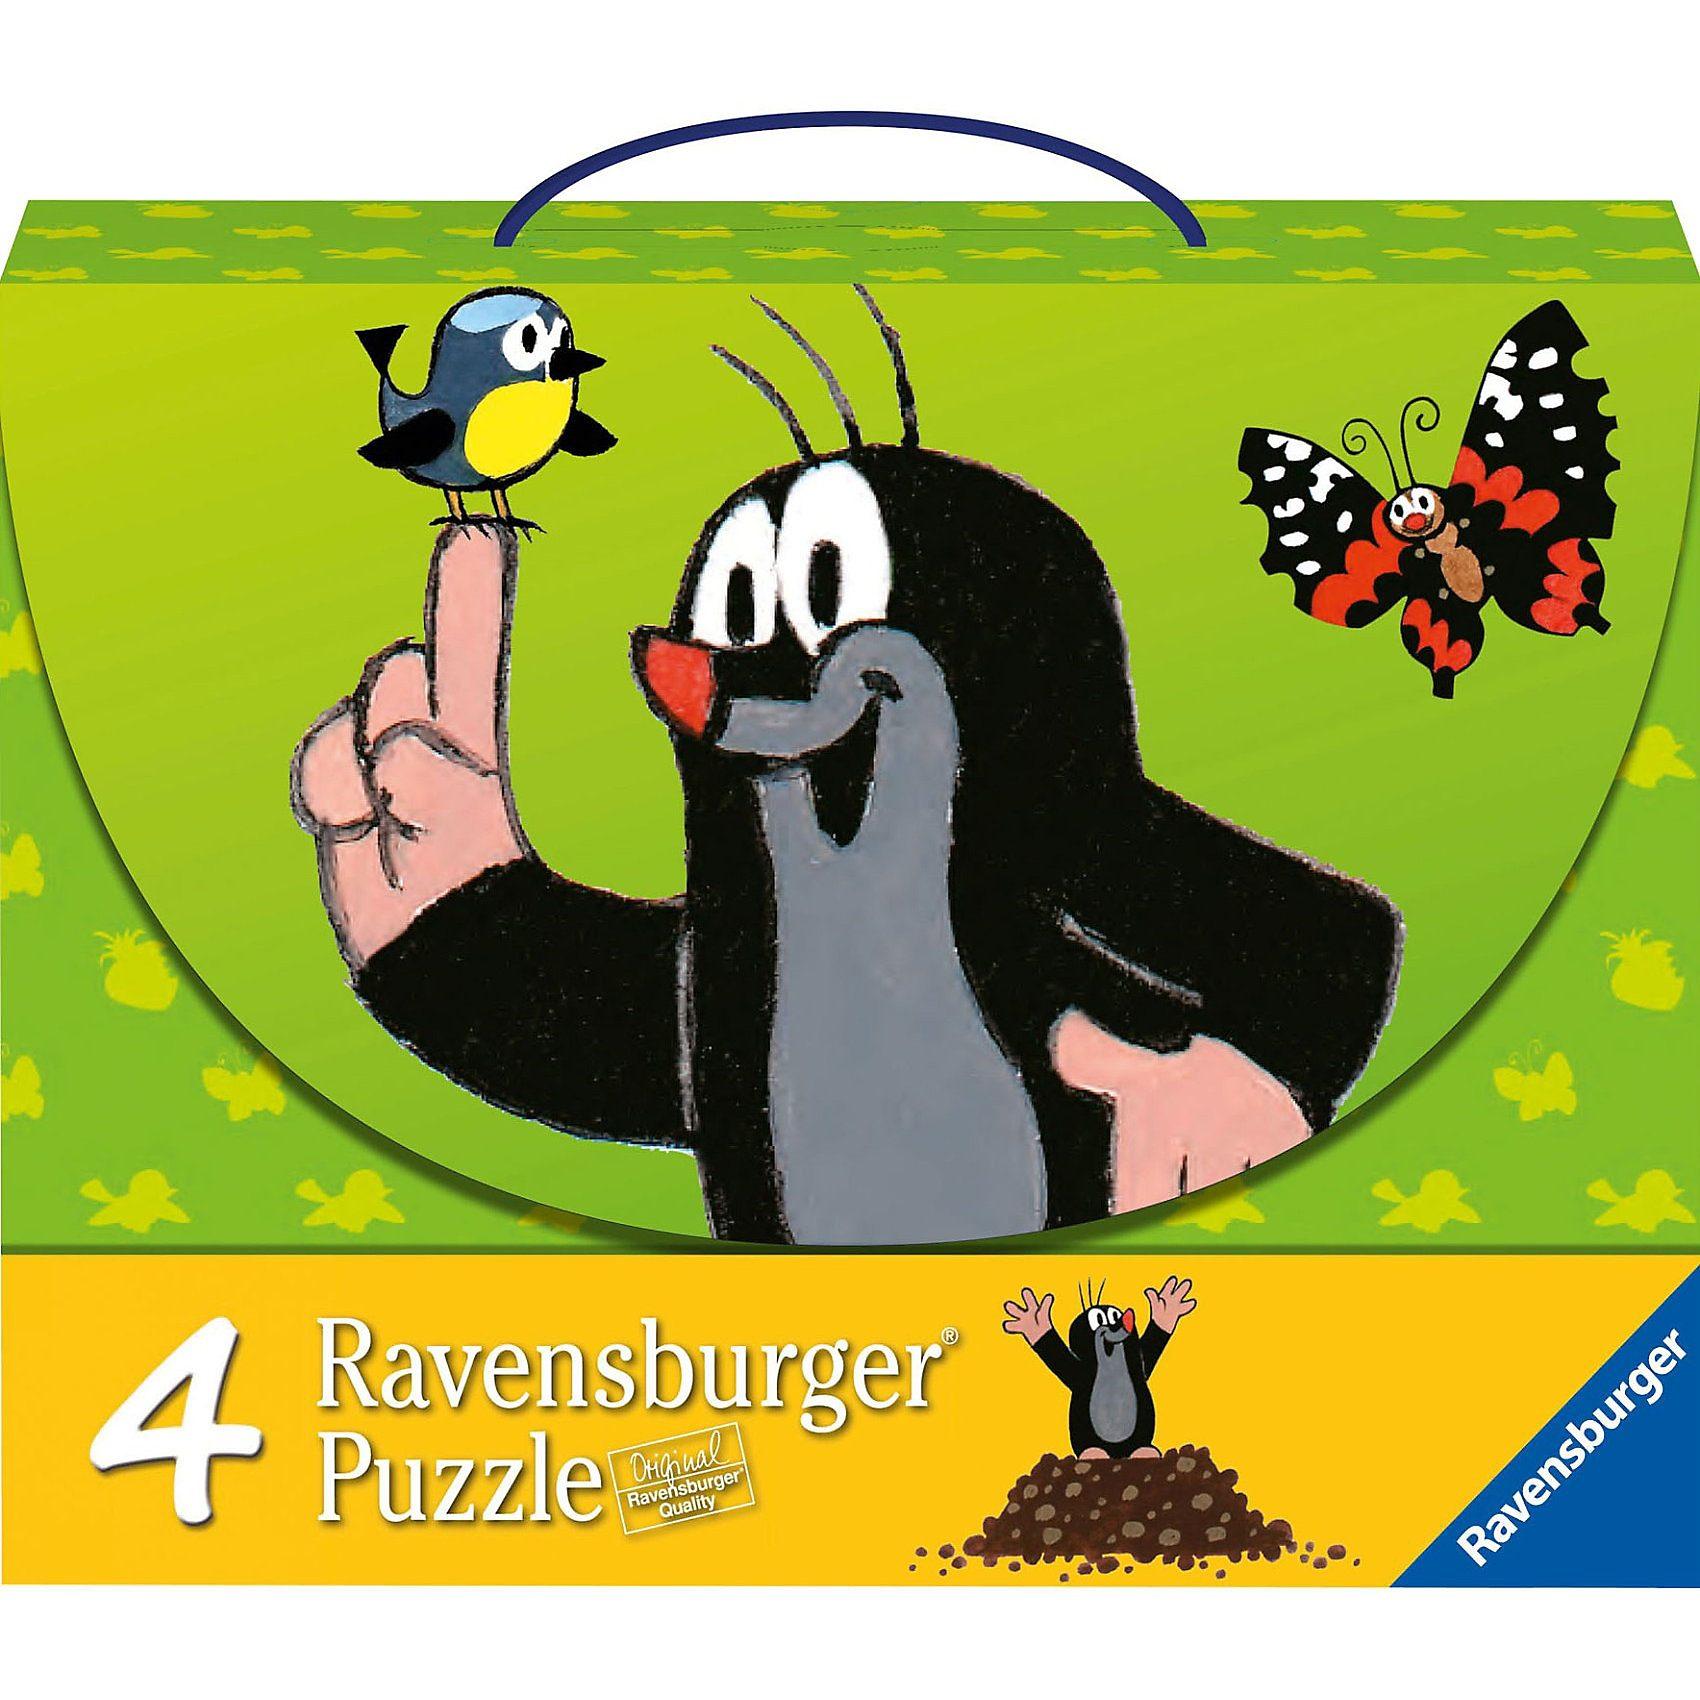 Ravensburger Puzzlekoffer Maulwurf und seine Freunde 2x25/2x36